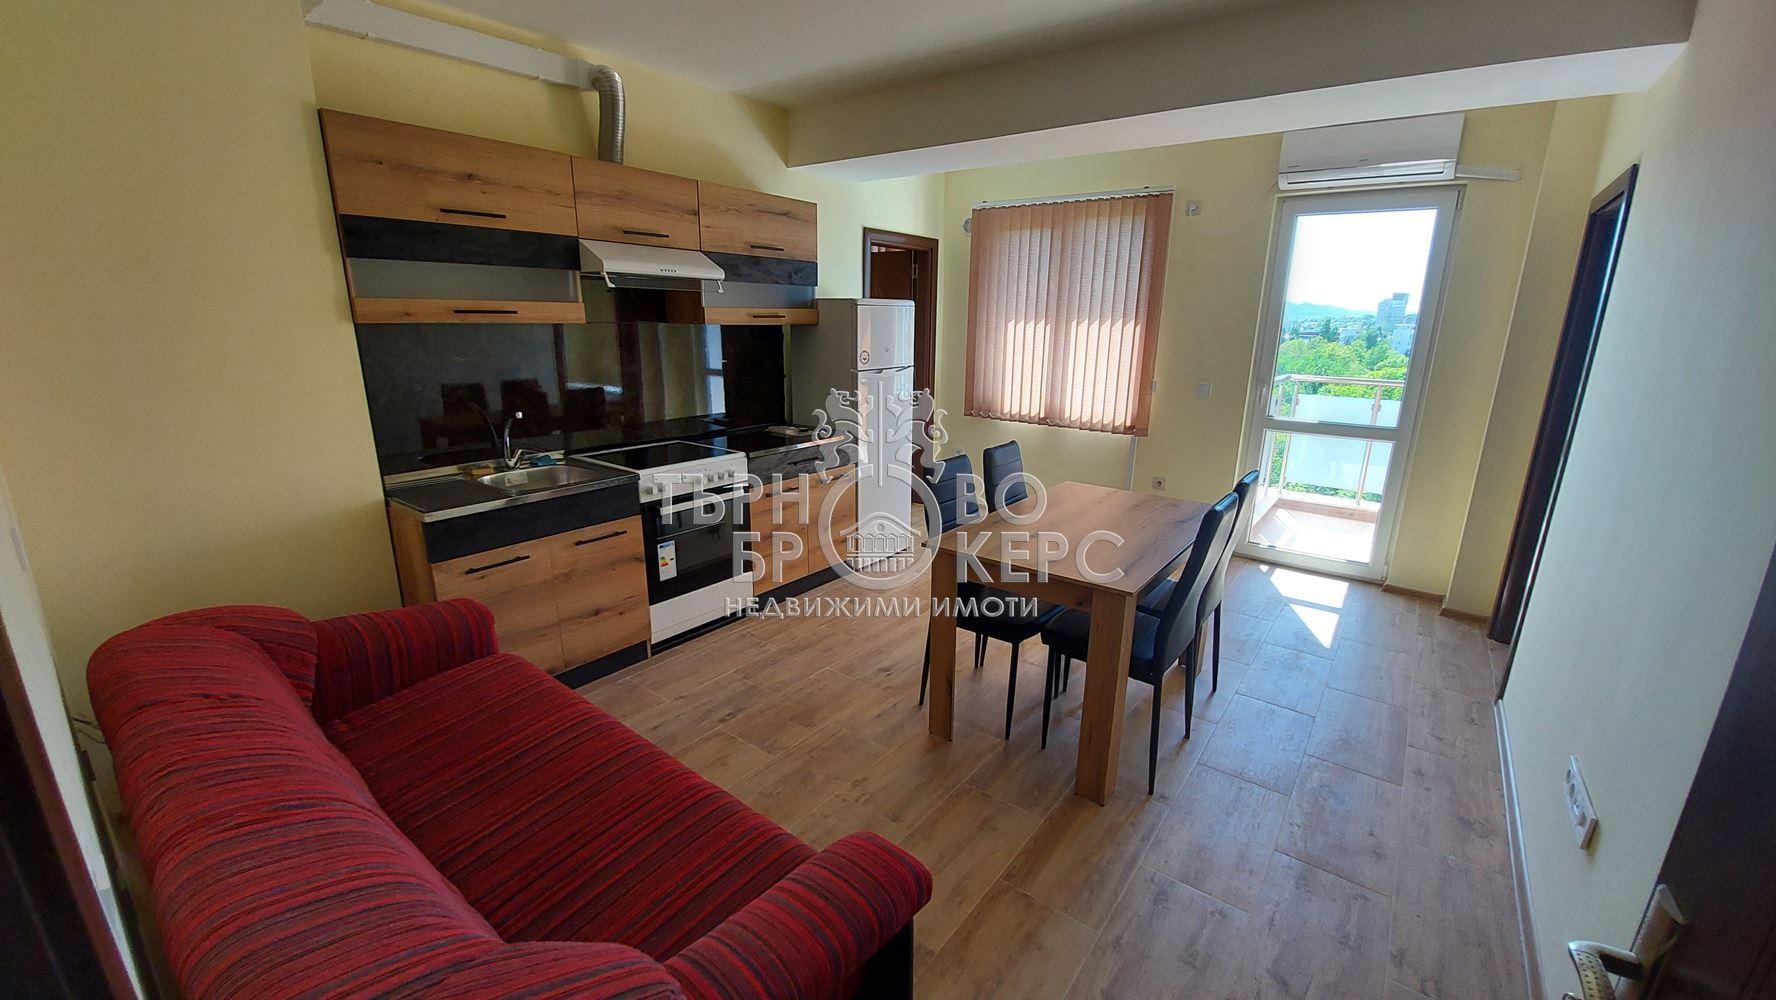 Тристаен апартамент  във  Велико Търново за 450лв - тристаен